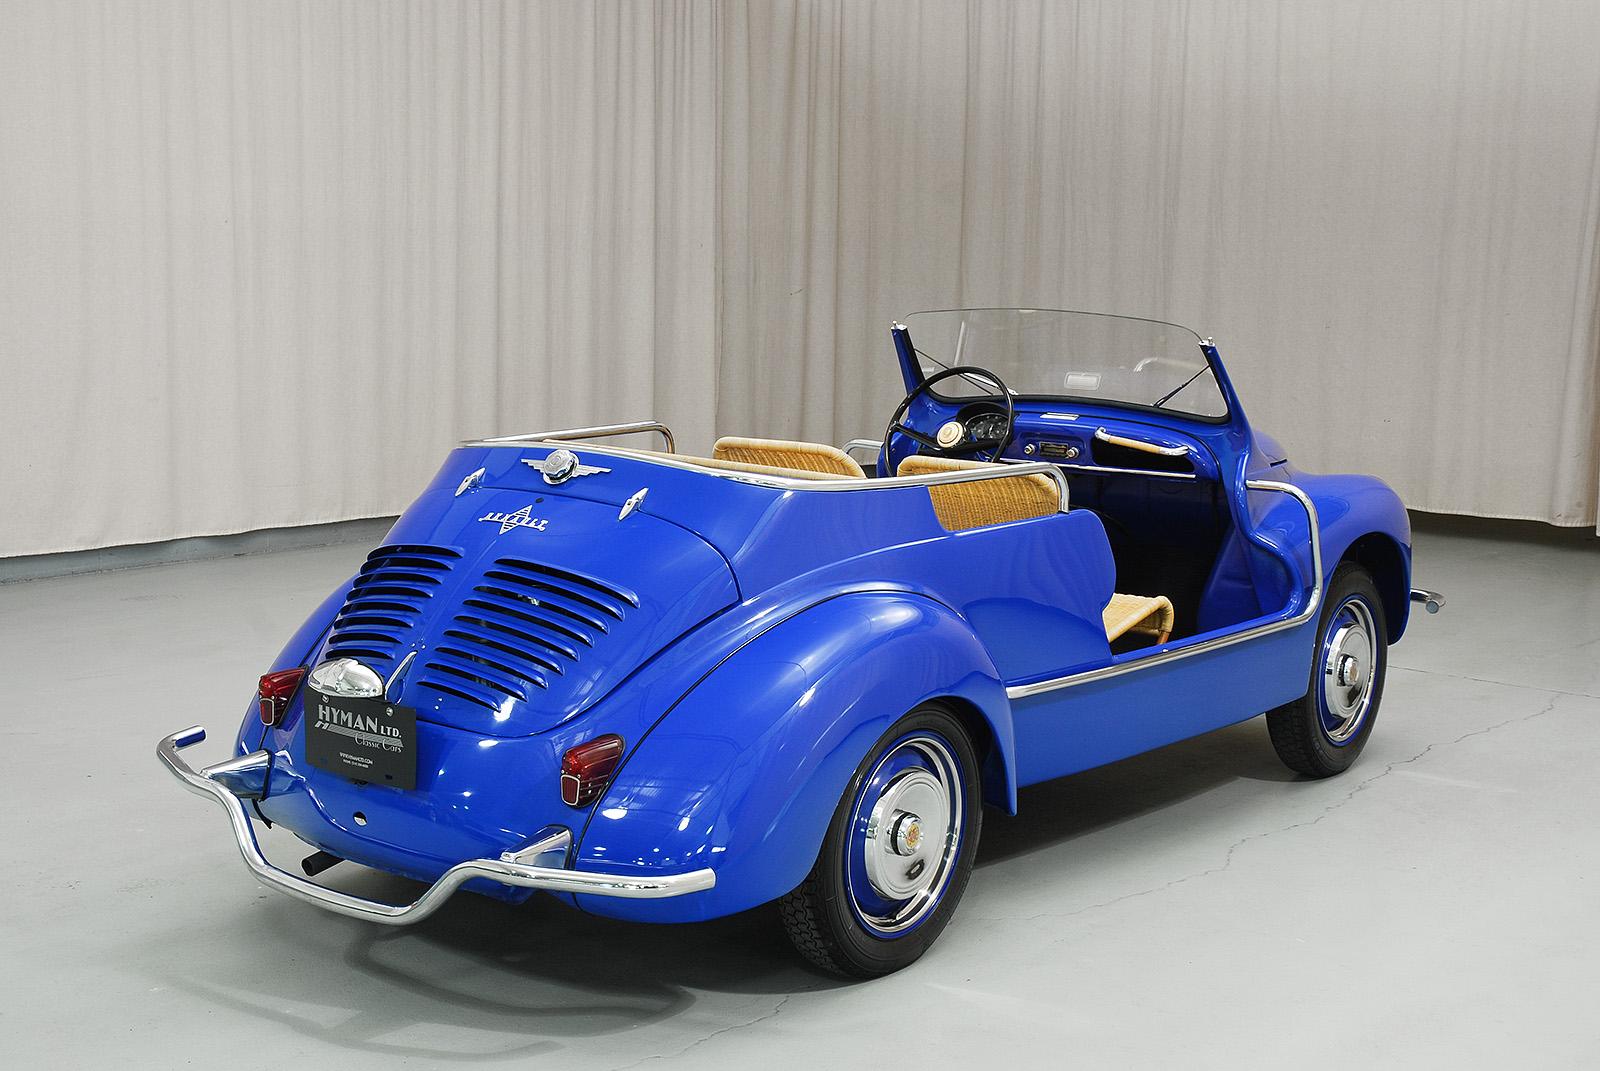 Cars For Sale Under 6000 >> 1961 Renault Jolly Beach Car   Hyman Ltd.